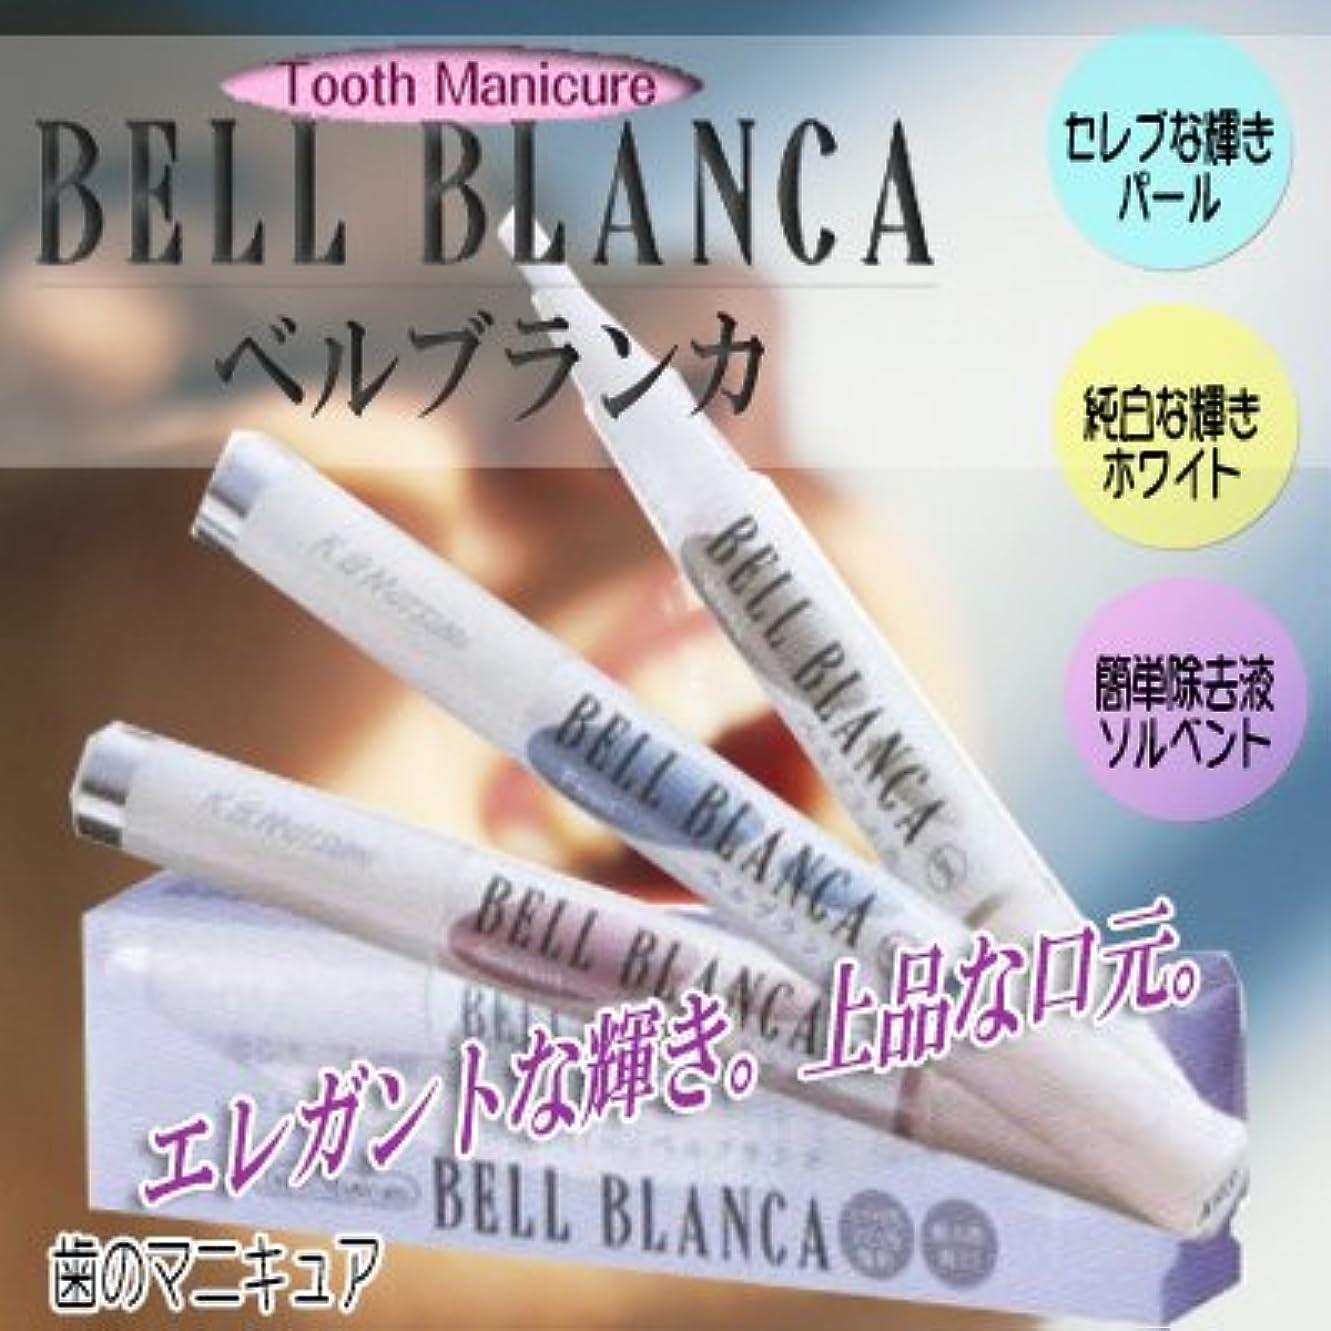 満了寝具イブニング歯のマニキュア ベルブランカ パール